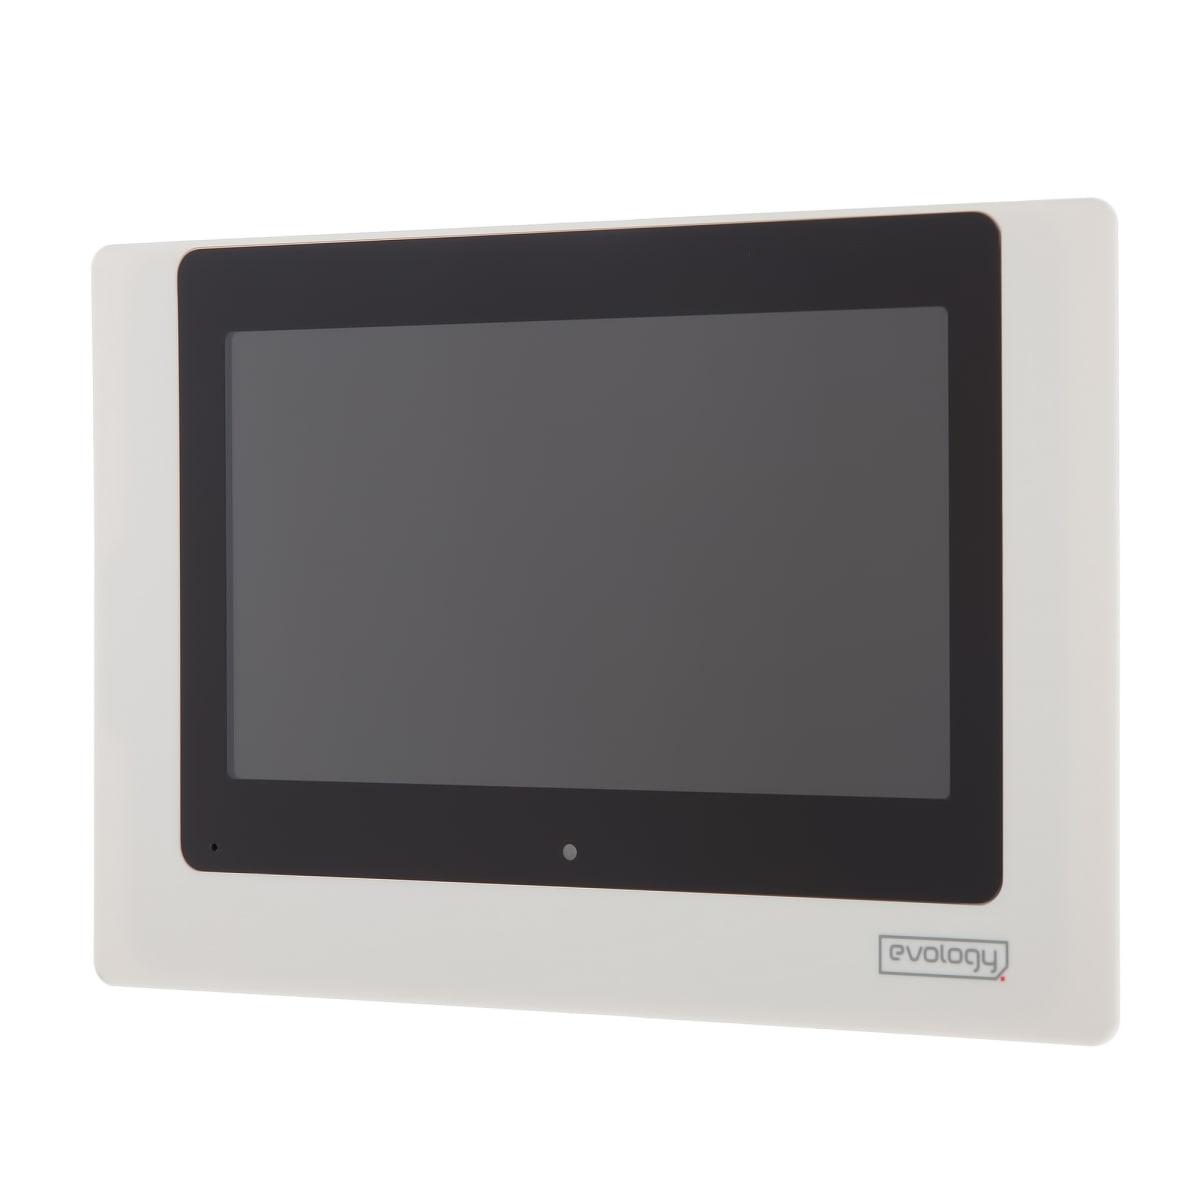 Видеодомофон Evology JS-V749R2, цветной монитор 7 дюймов